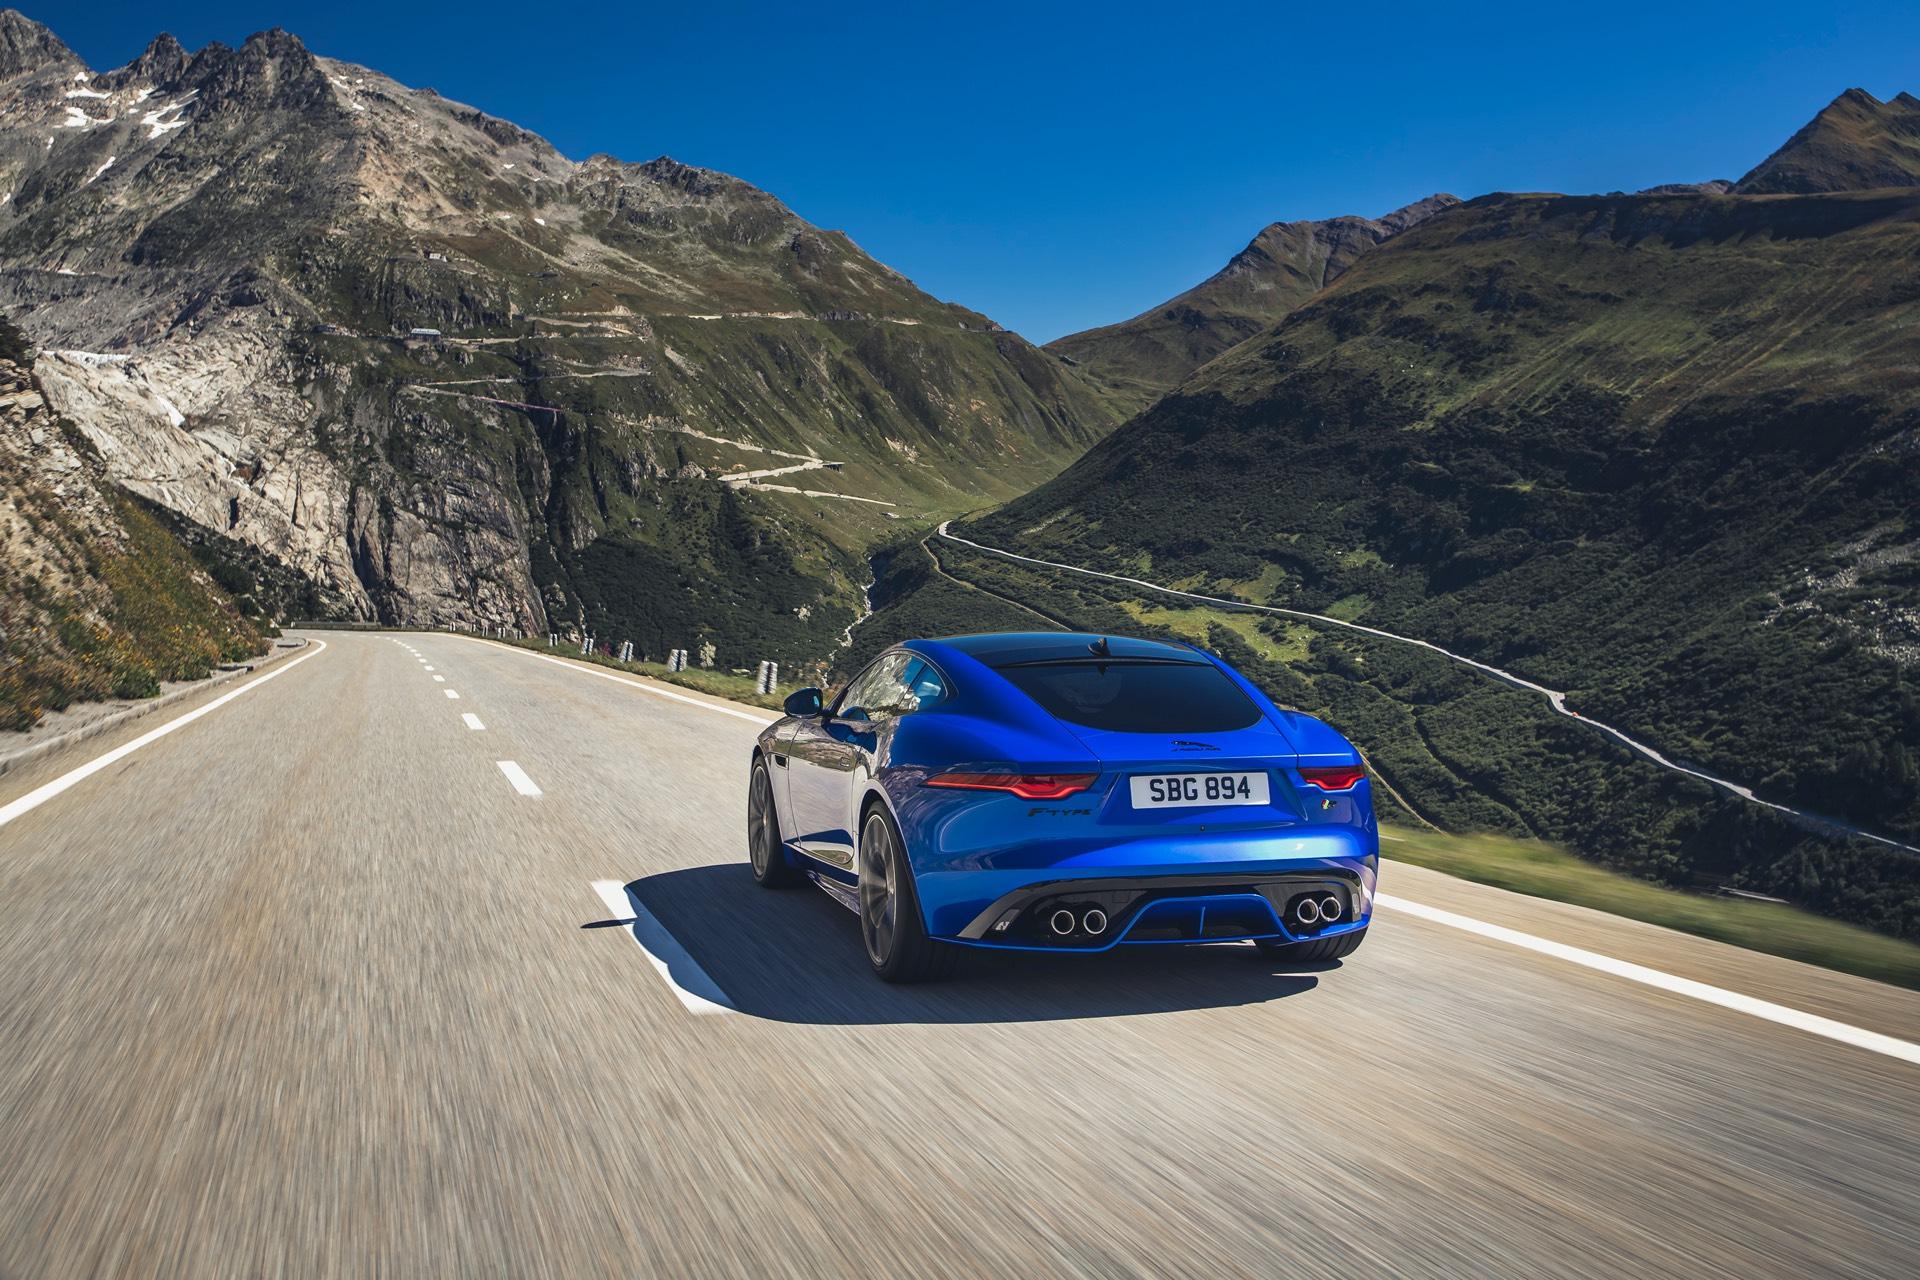 Jaguar F Type Coupe Facelift Location